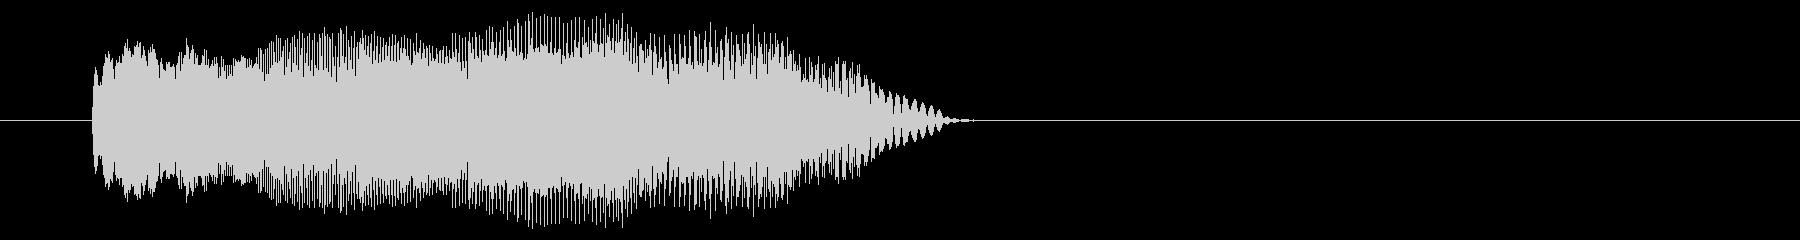 ゆっくり、下降するホイッスル(I....の未再生の波形